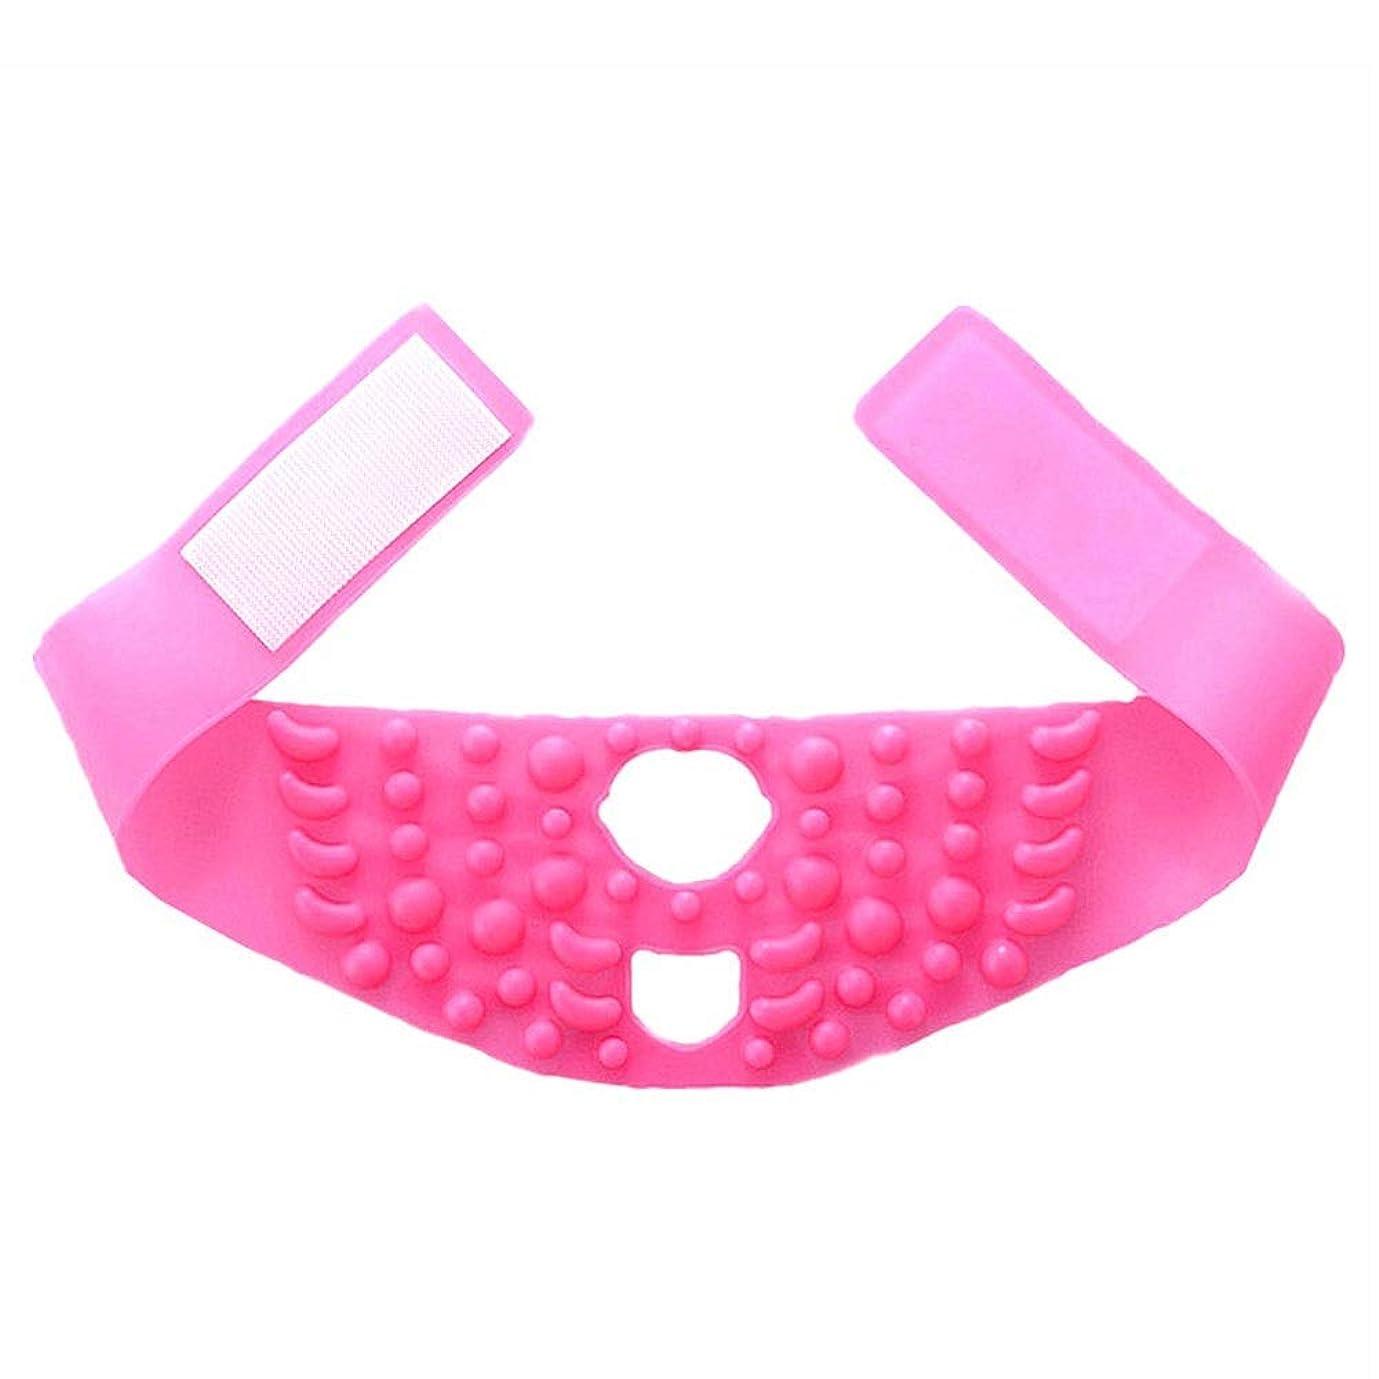 びん放射能メモシンフェイスマスクシリコーンマッサージ引き締まった形の小さなVフェイスリフティングに薄いフェイスアーティファクト包帯を飾る - ピンク